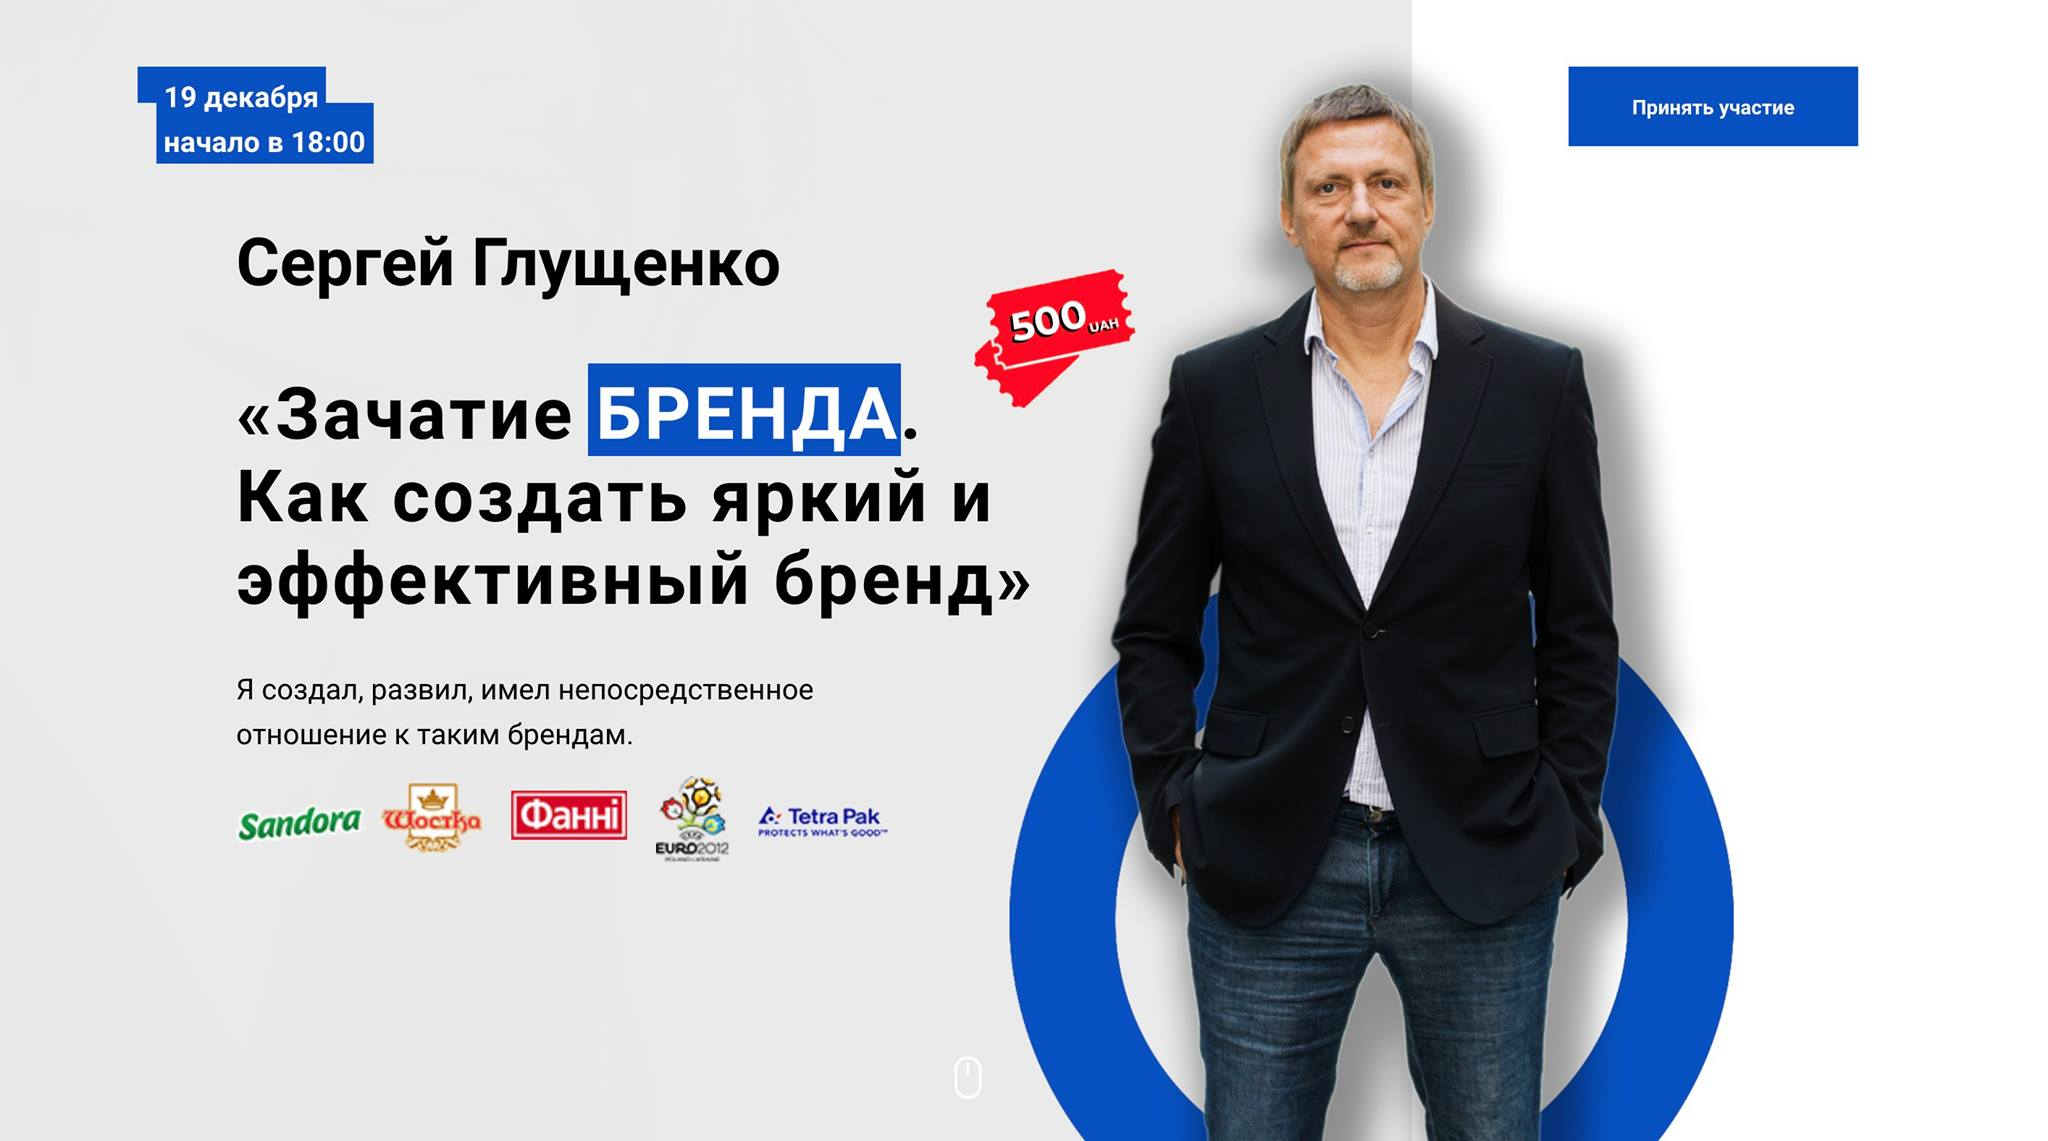 Мастер-класс Сергея Глущенко